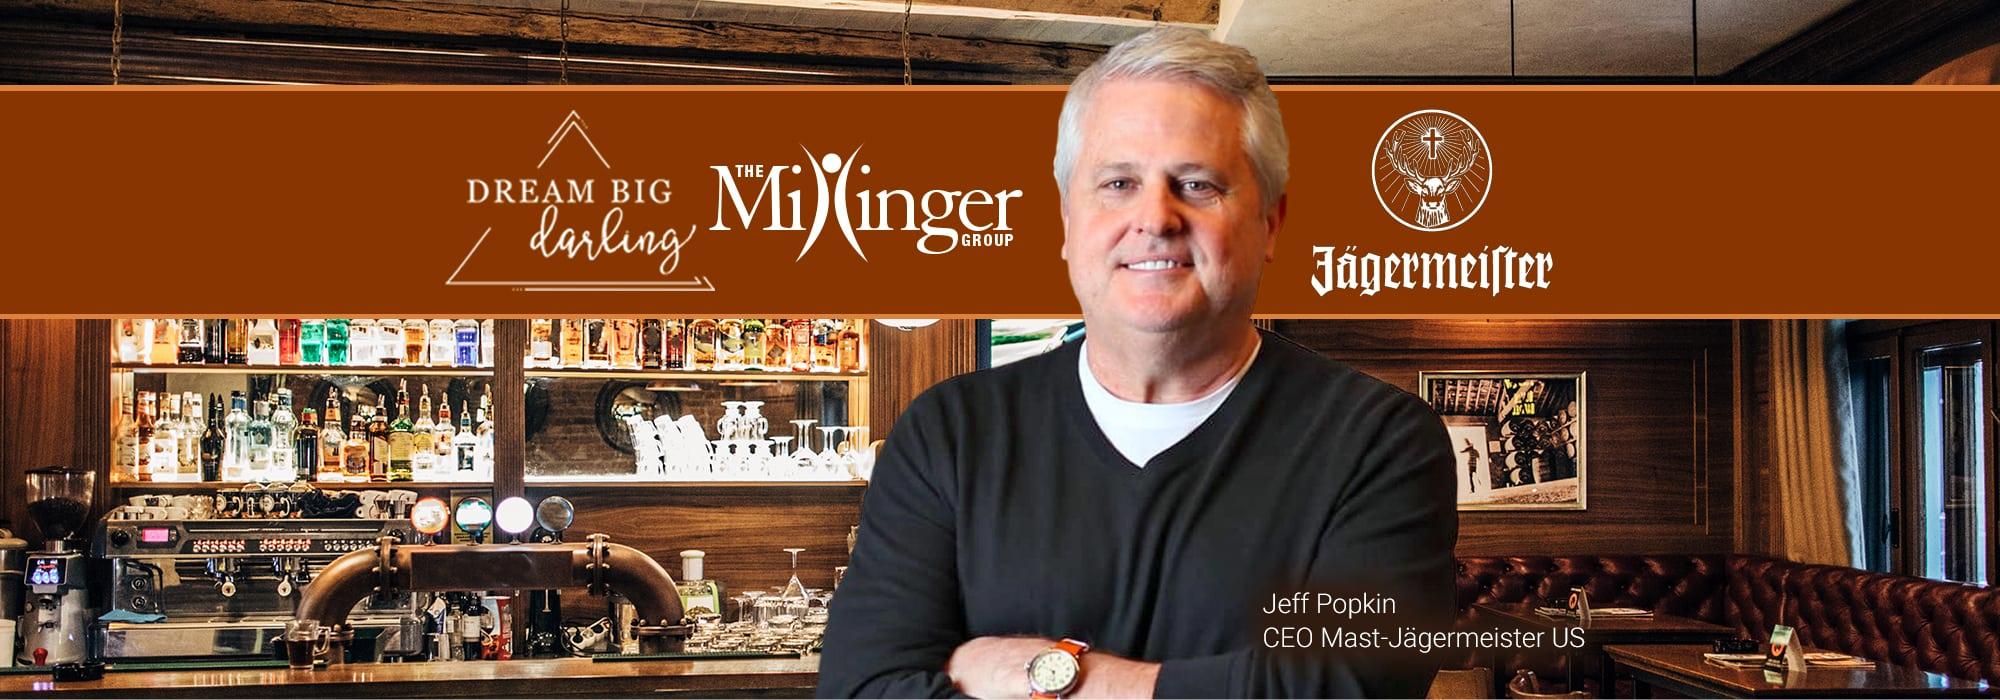 jagermeister CEO jeff popkin